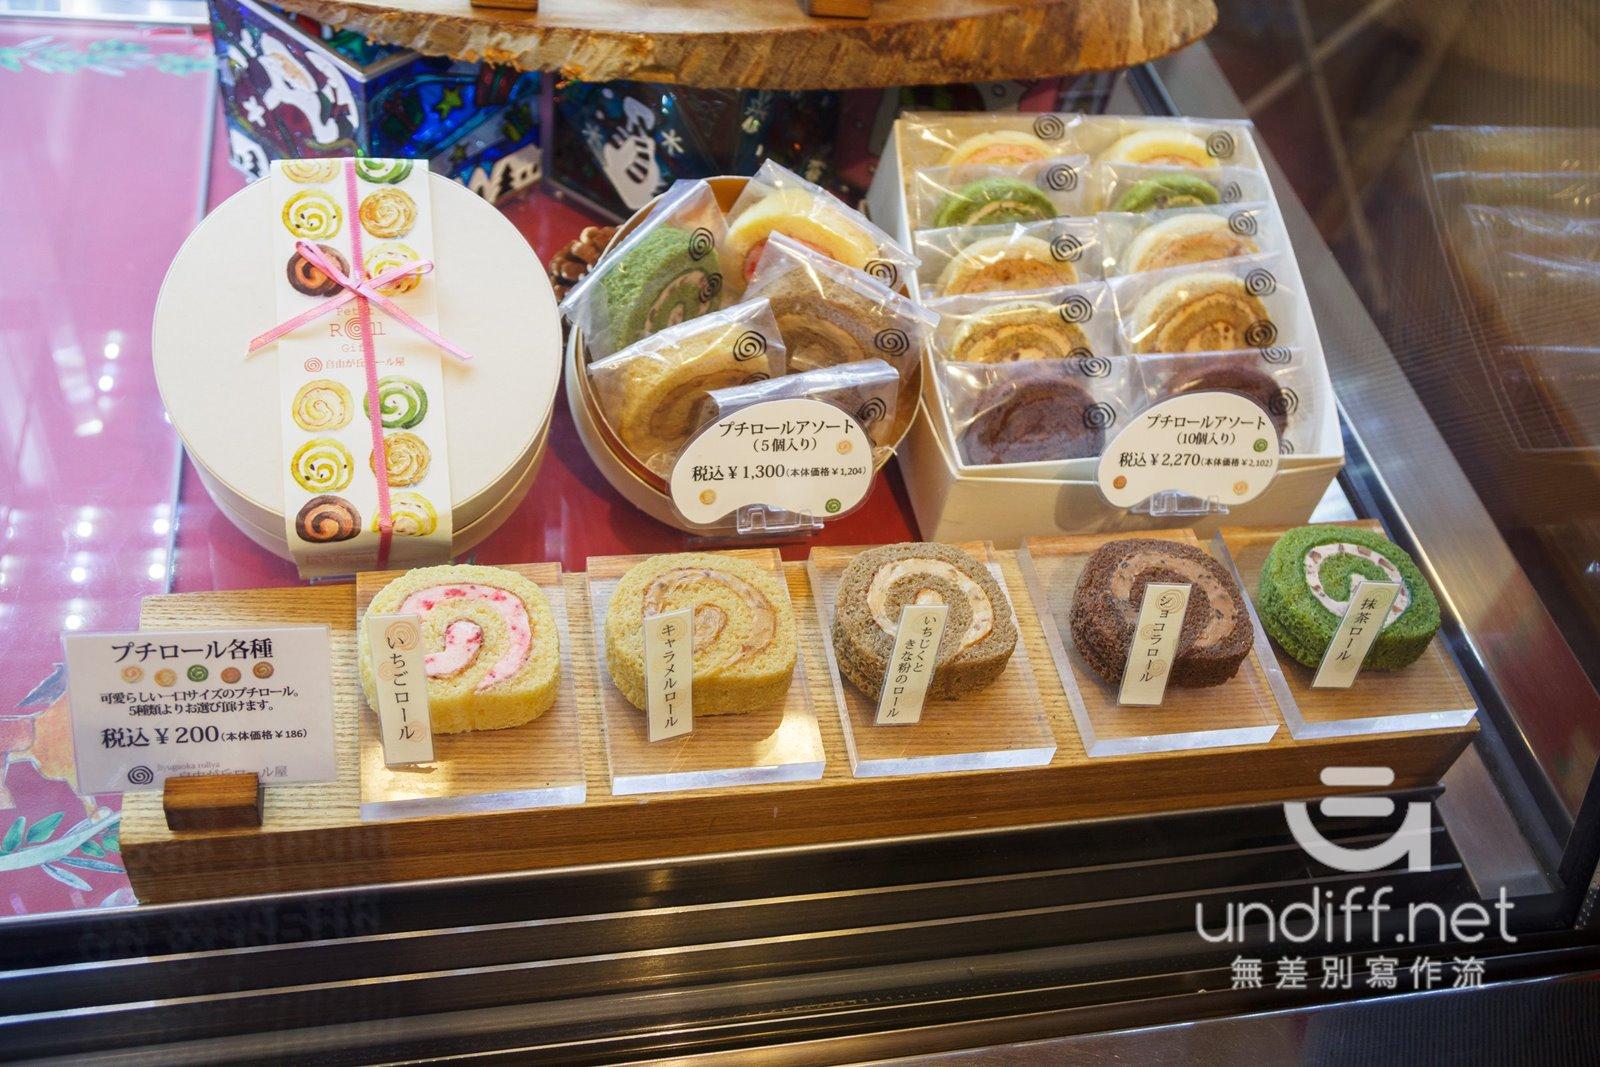 【東京美食】自由之丘 ロール屋 》樸實就很好吃的瑞士蛋糕捲專賣店 12